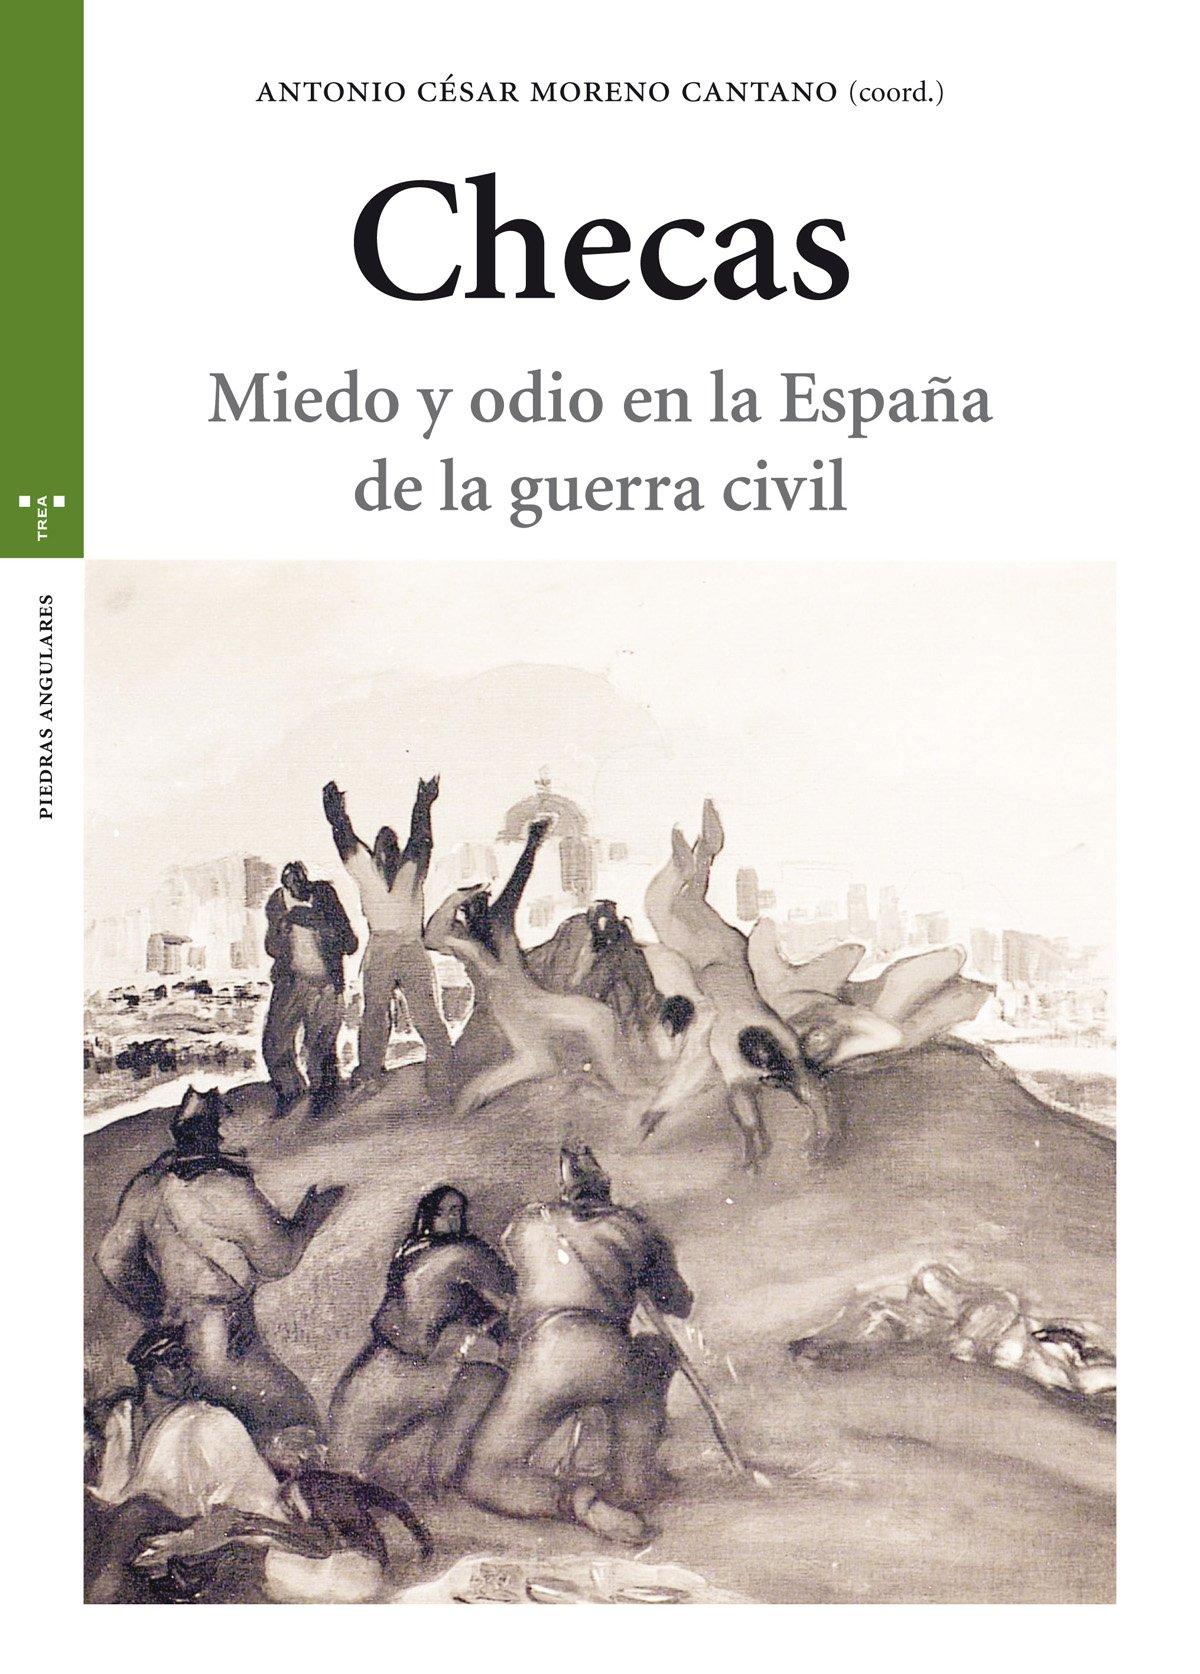 Checas. Miedo y odio en la España de la guerra civil Estudios Históricos La Olmeda: Amazon.es: Moreno Cantano, Antonio César: Libros